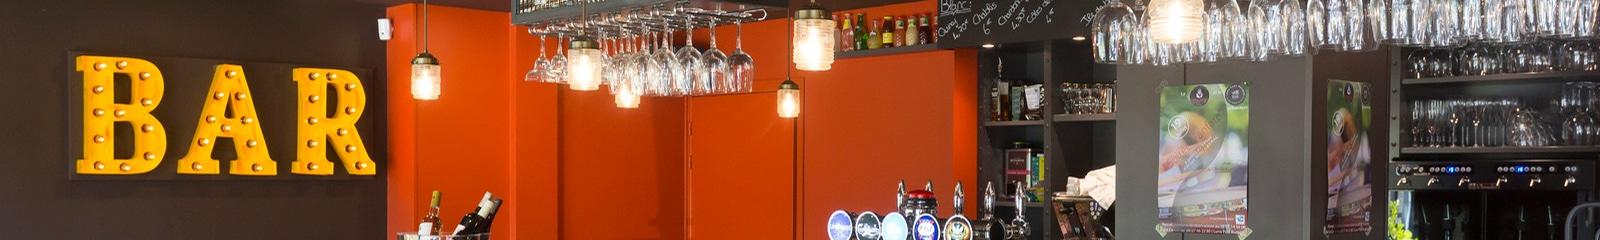 Bar carnac photo panoramique